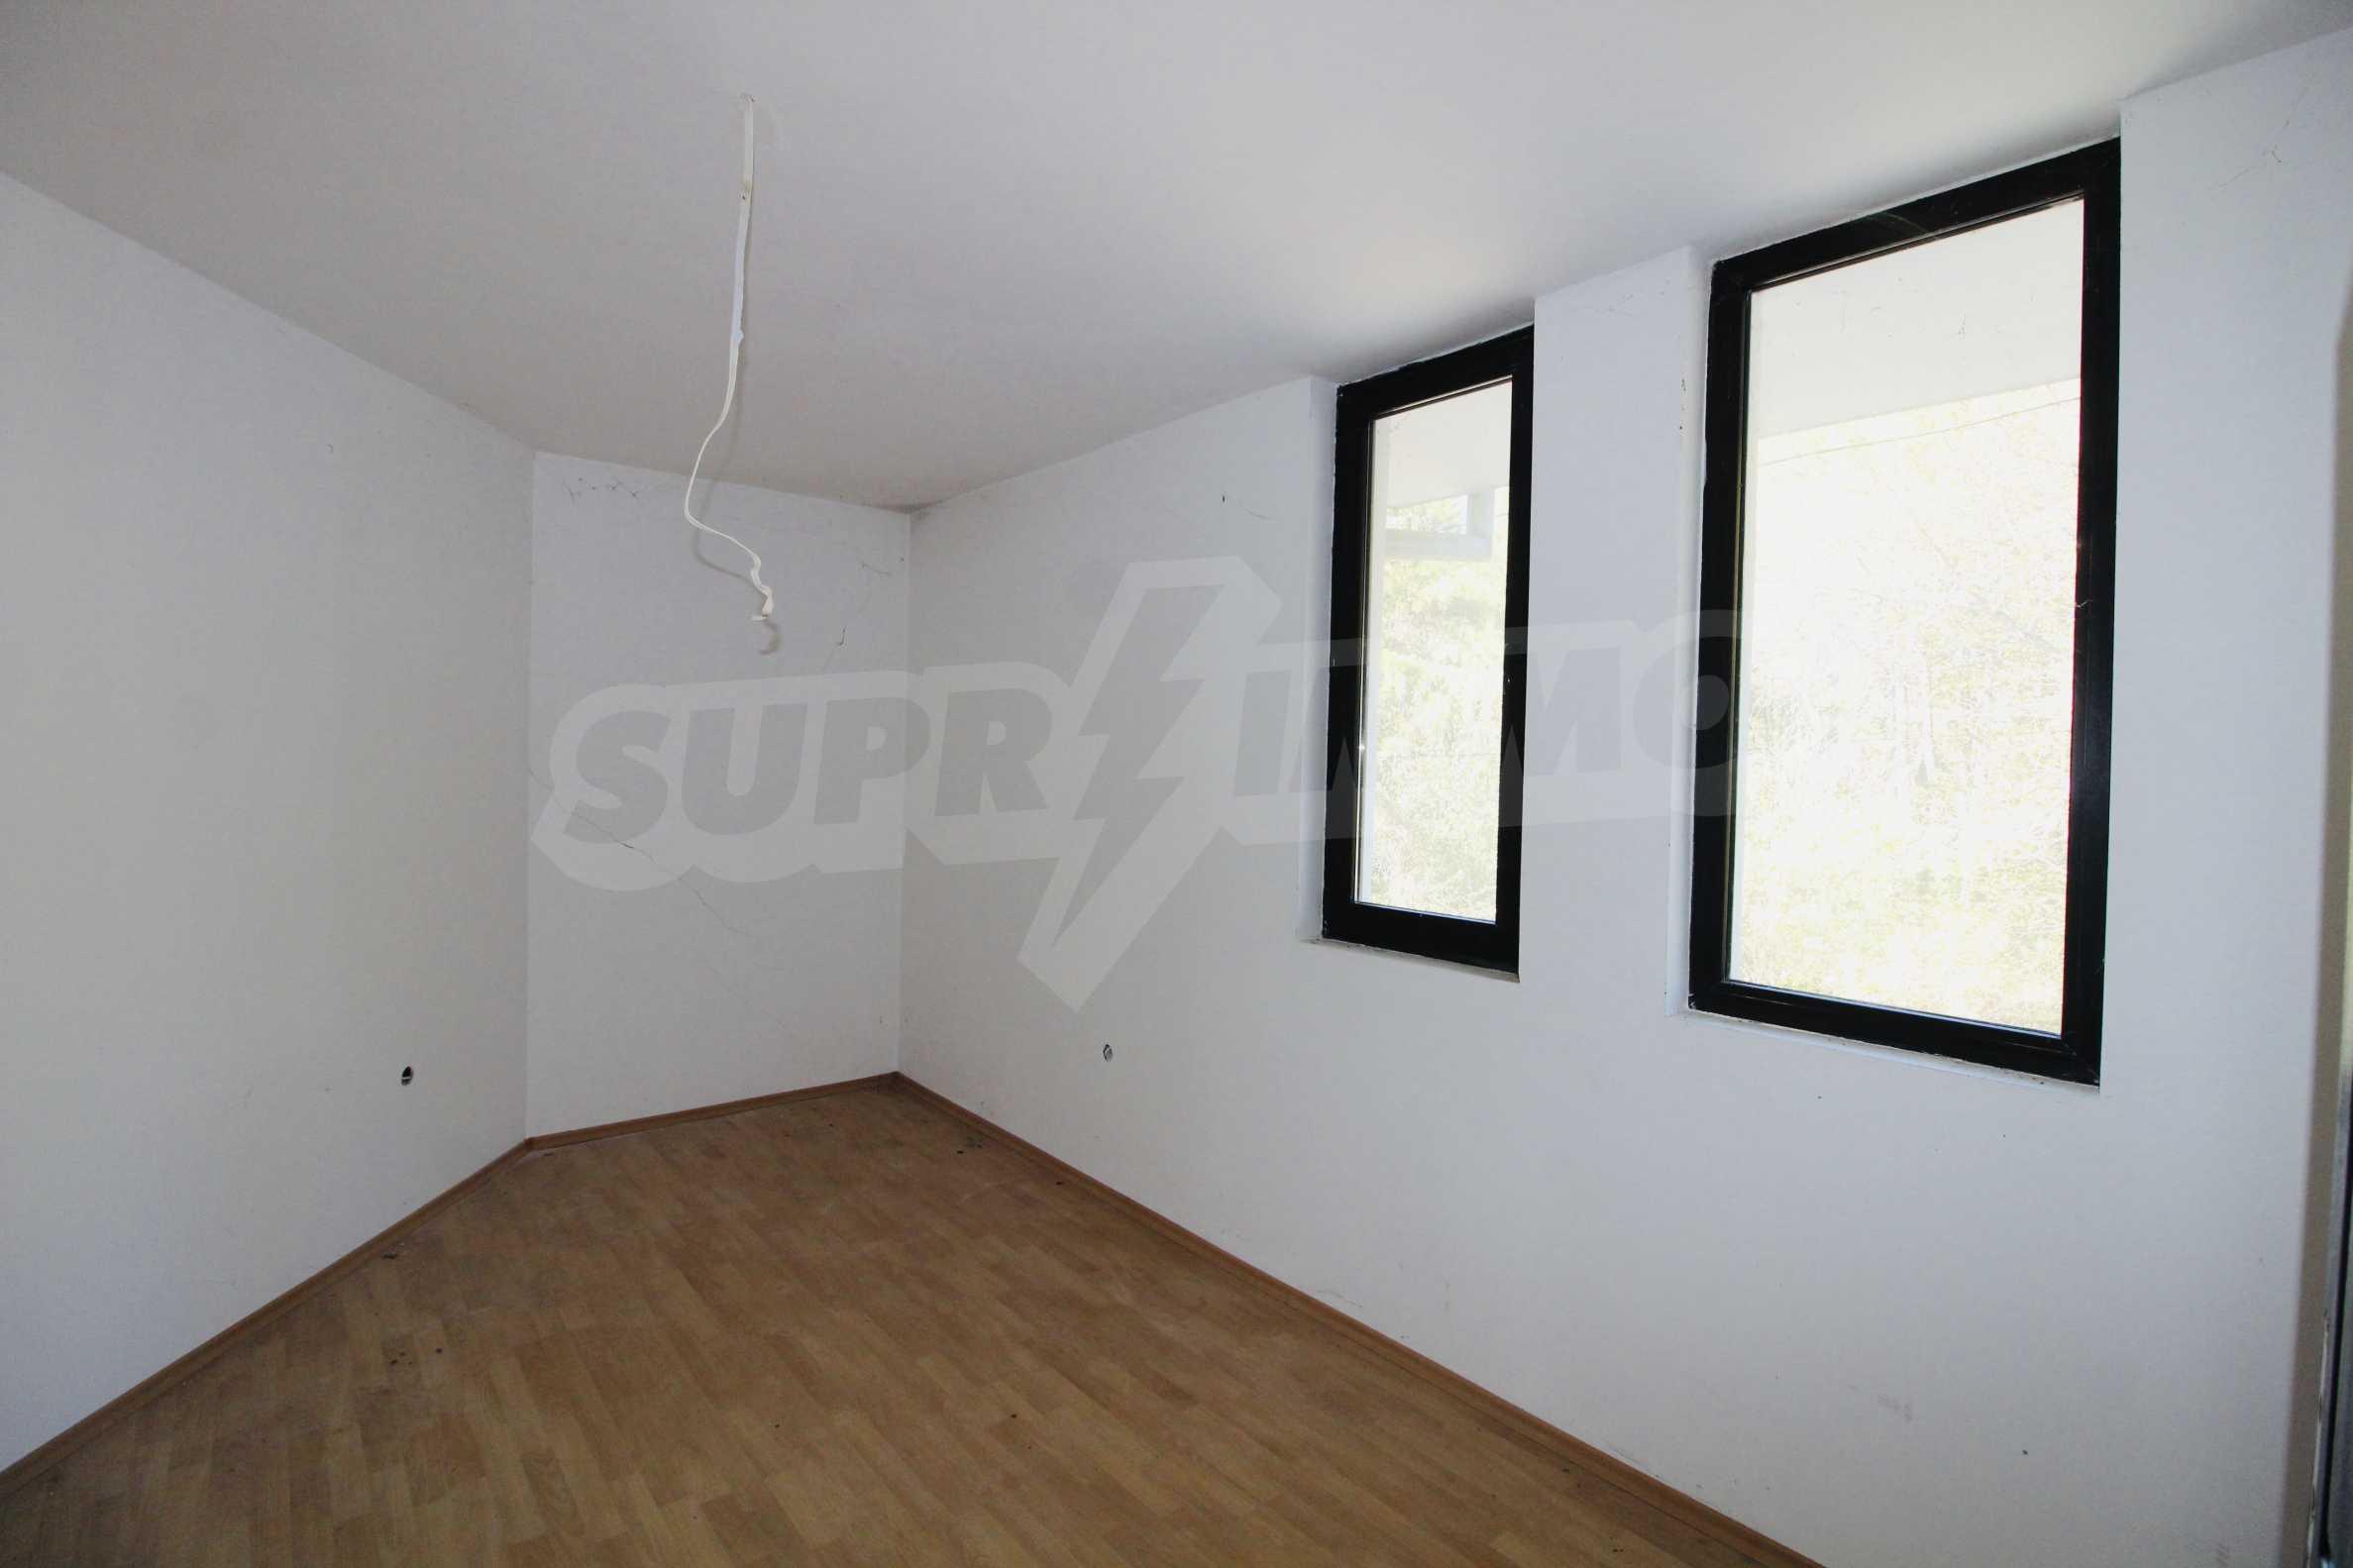 Zwei-Zimmer-Wohnung mit Parkplatz und Keller in der berühmten architektonischen Reserve Arbanassi 7